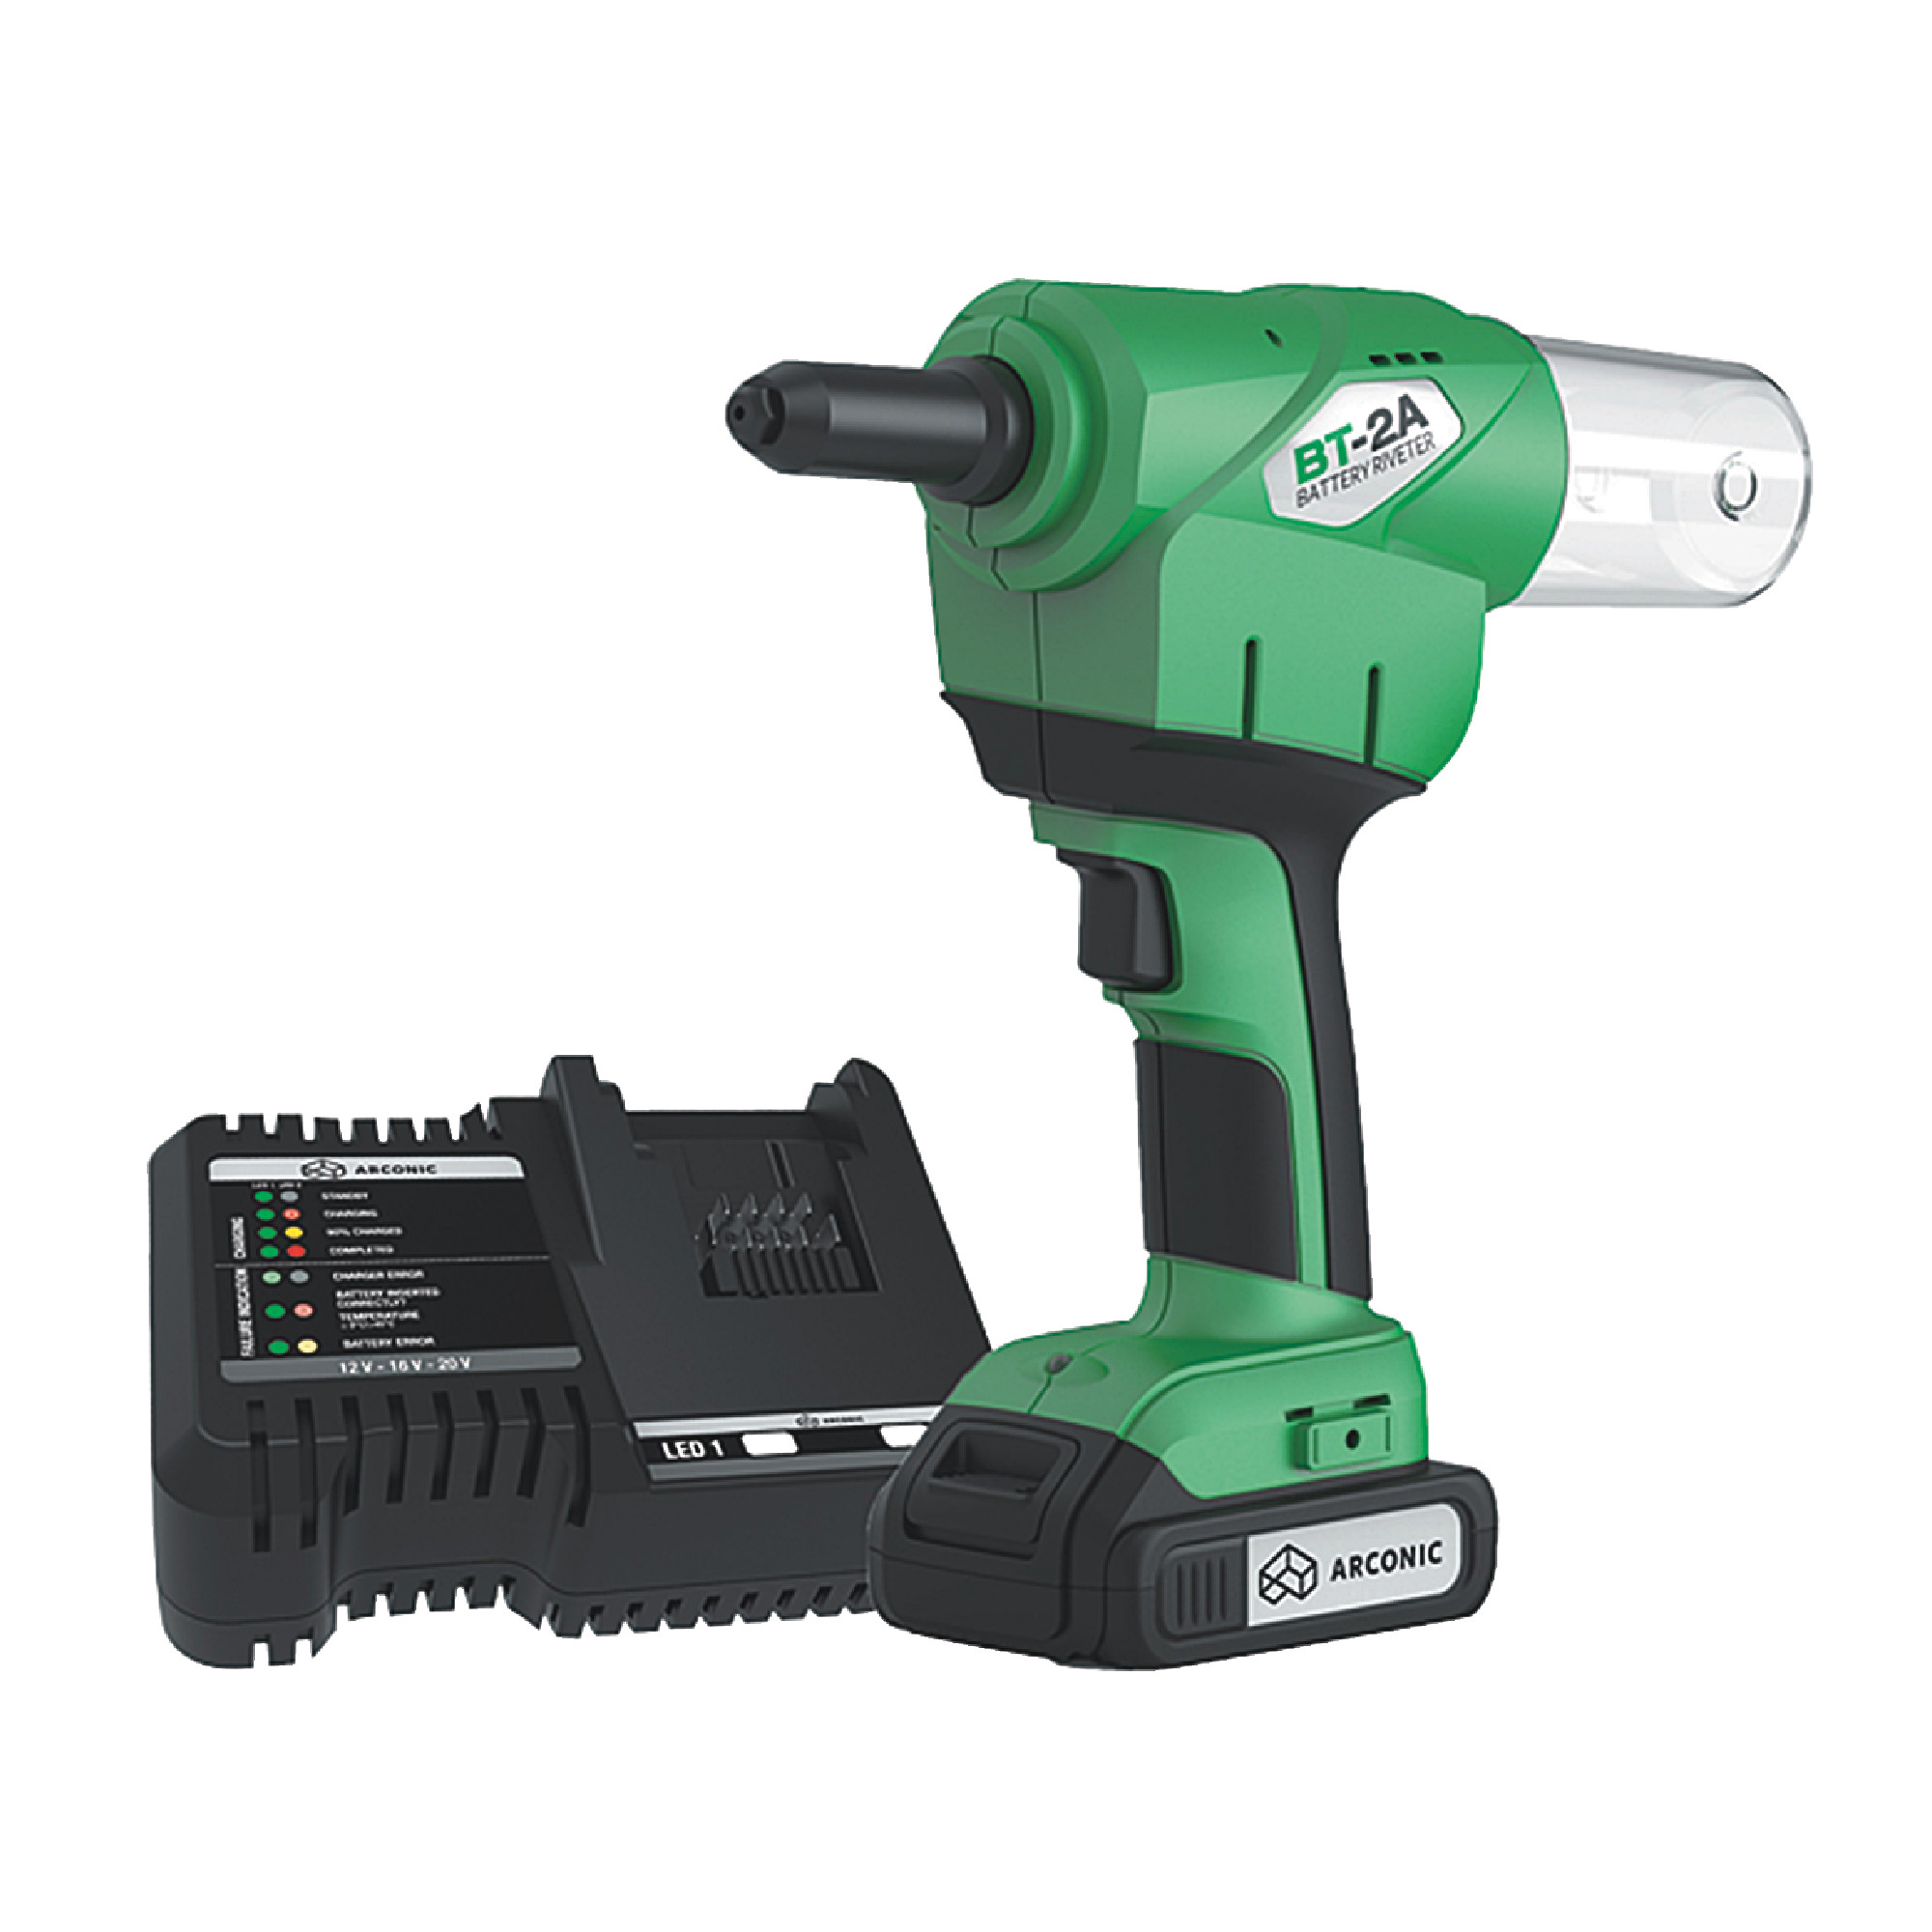 MARSON 39080 BT2 Battery-Powered Rivet Installation Tool